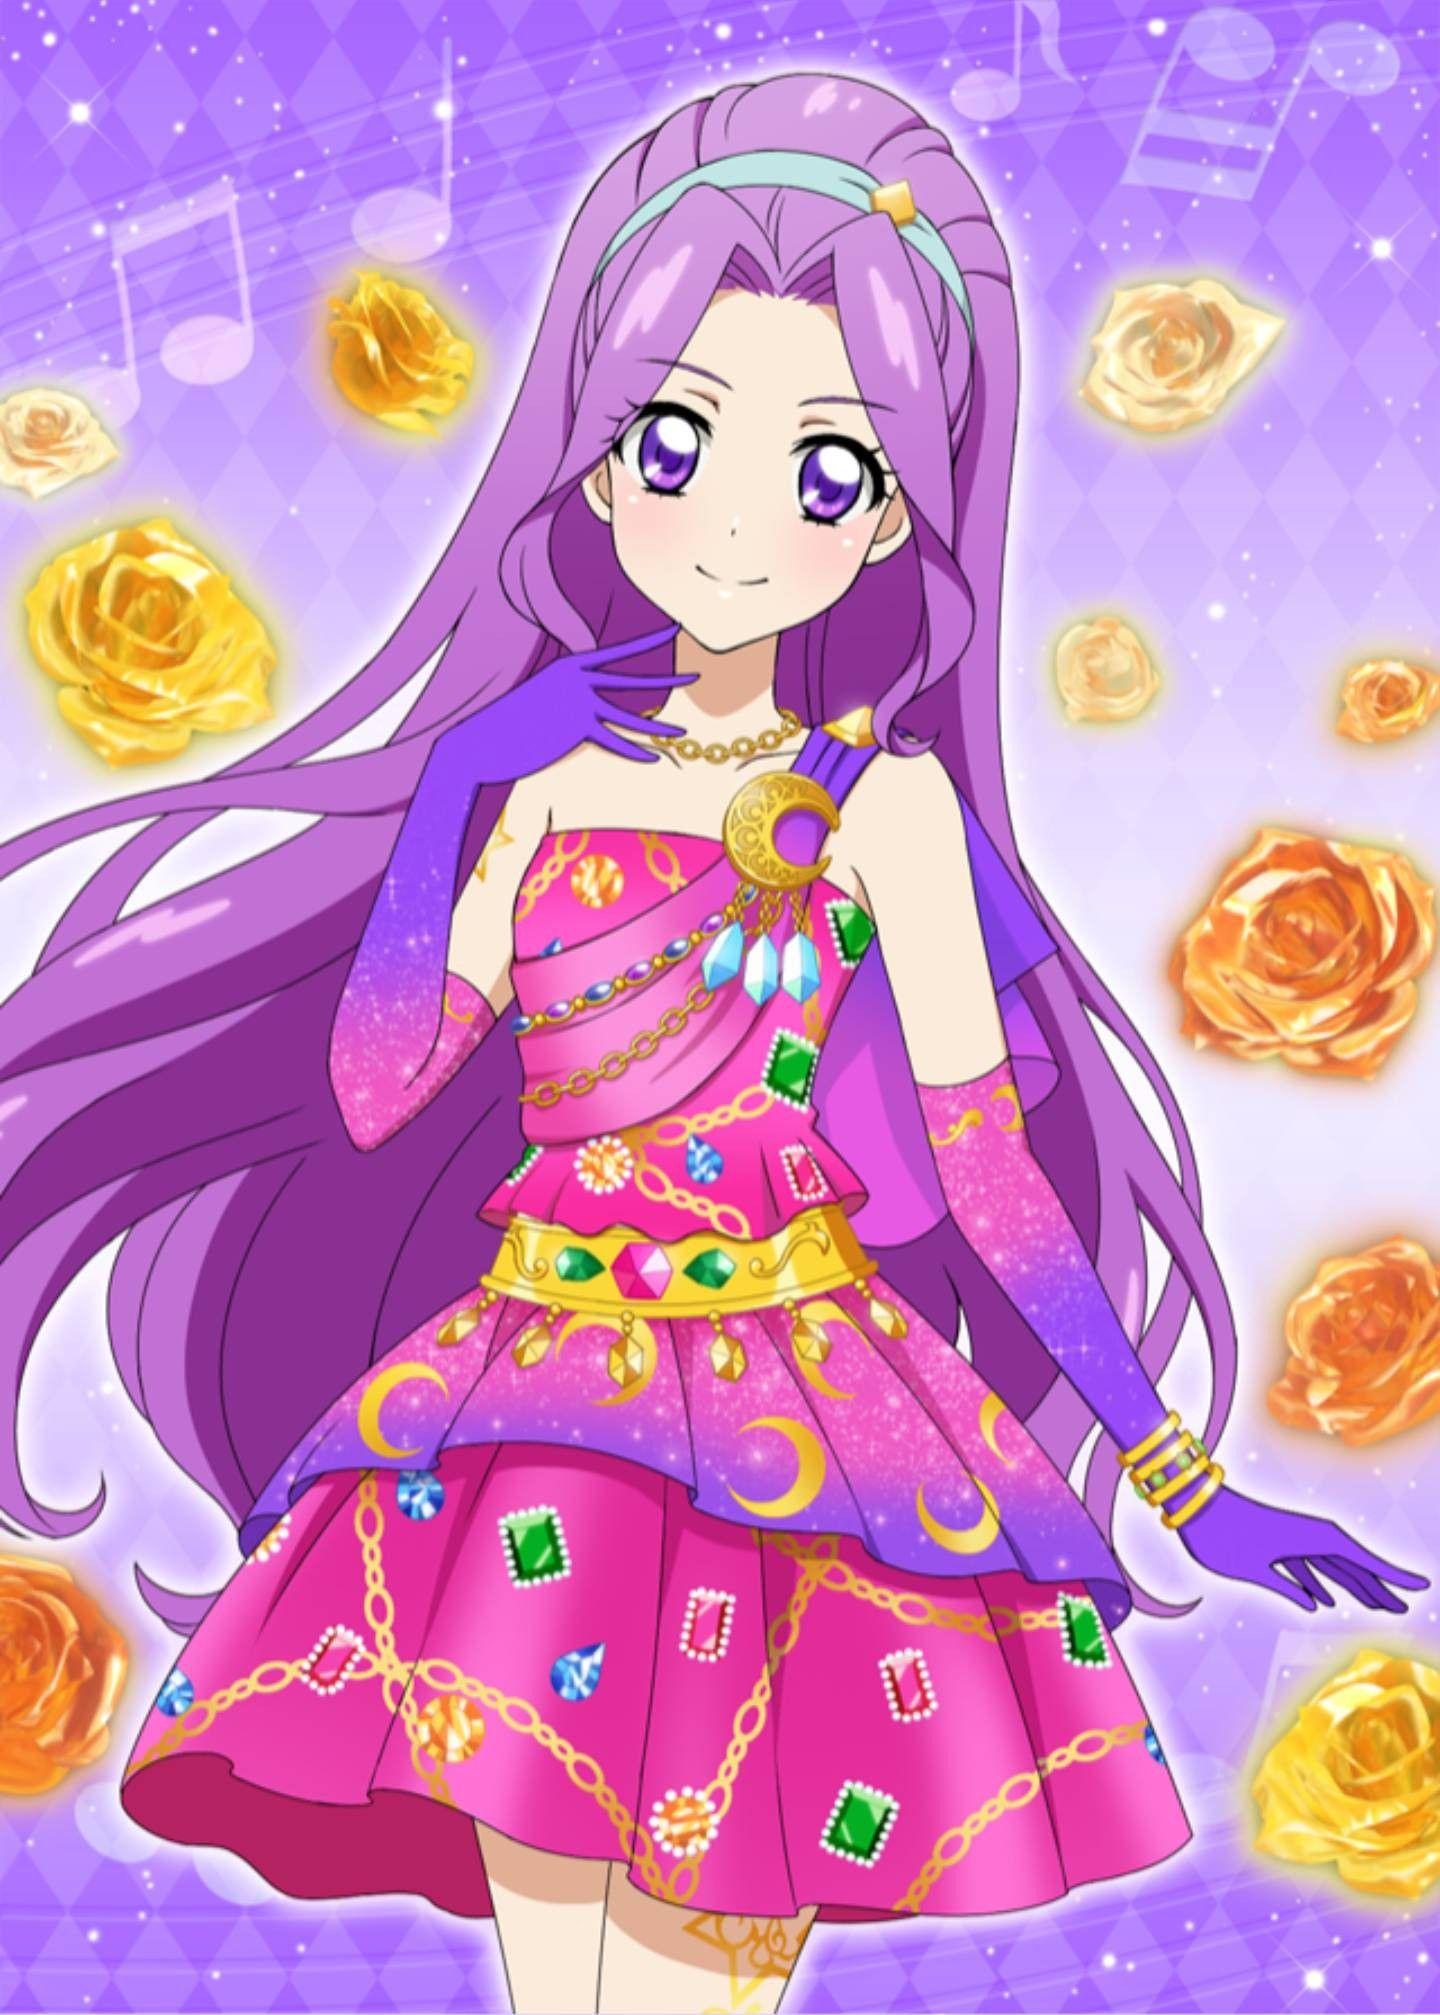 Download Aikatsu Ran Images